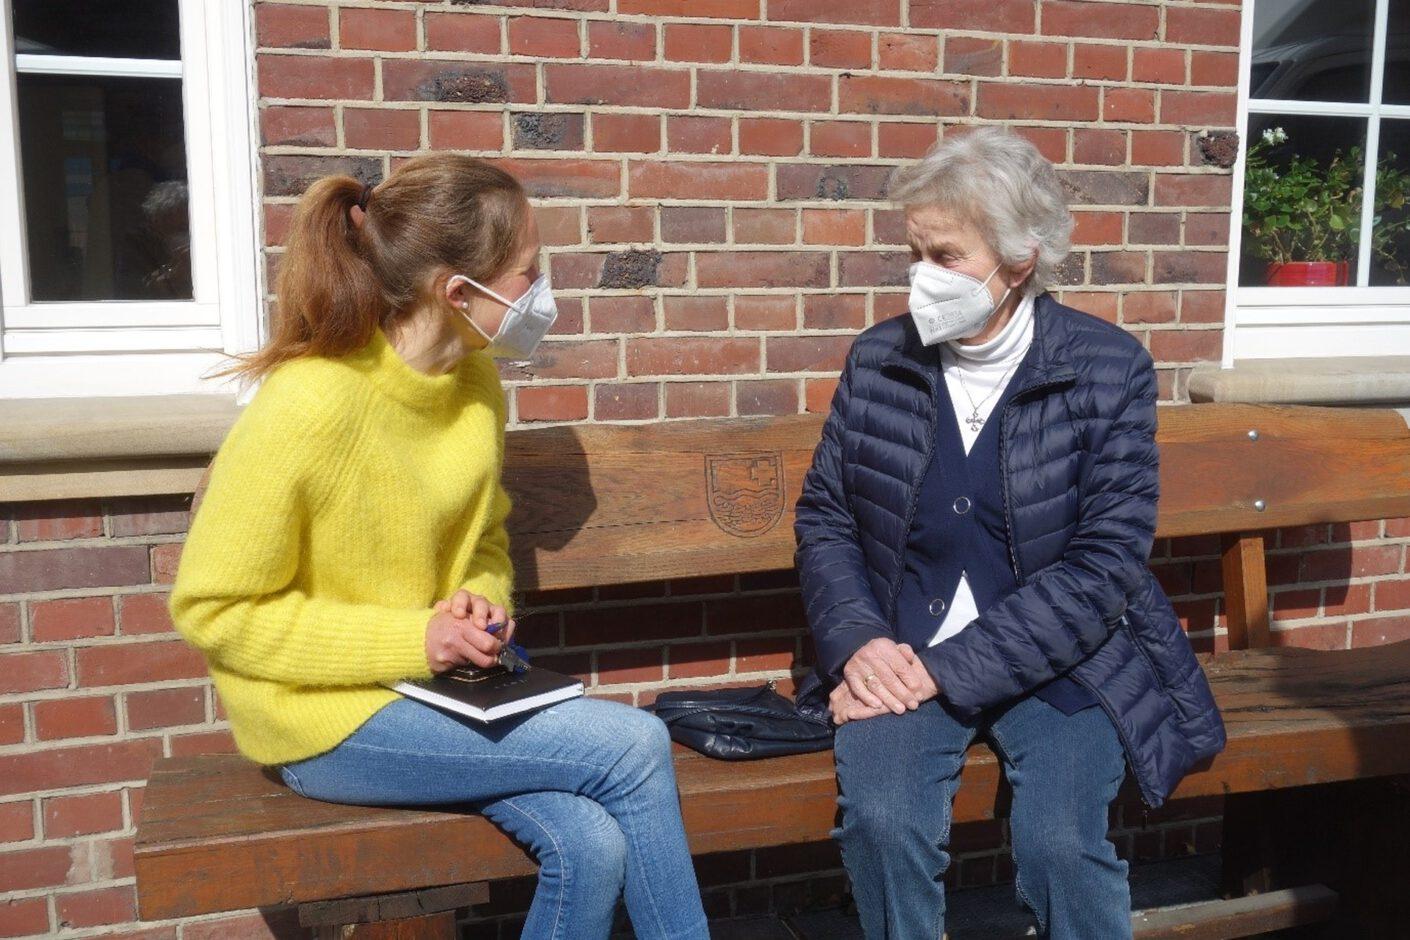 Foto: zwei Frauen sitzen auf der Plauderbank und unterhalten sich